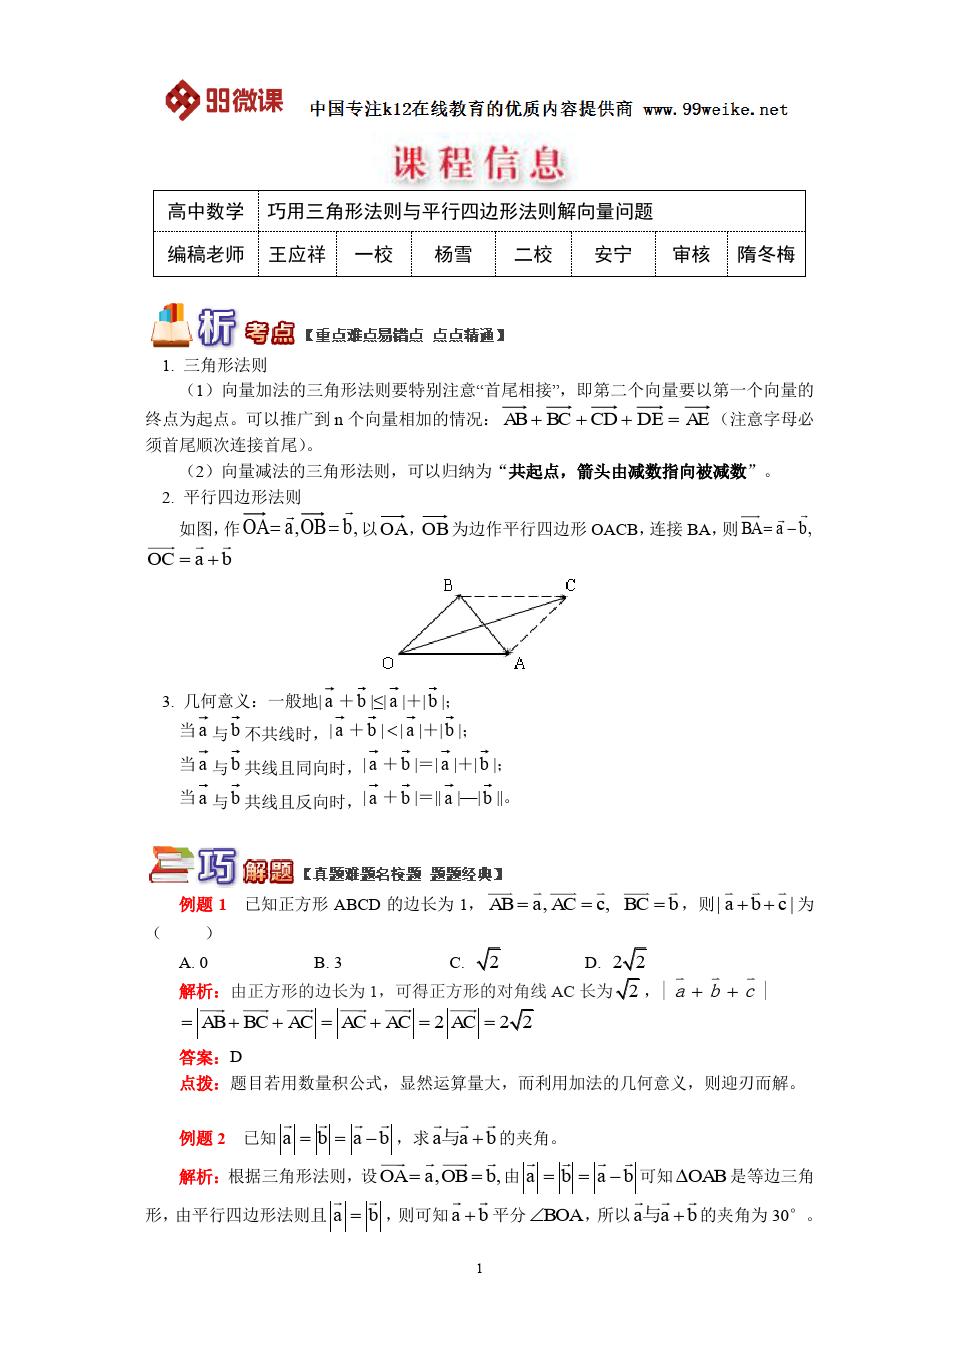 【2018新课标 高考必考知识点 教学计划 教学安排 教案设计】高一数学:用三角形法则与平行四边形法则解向量